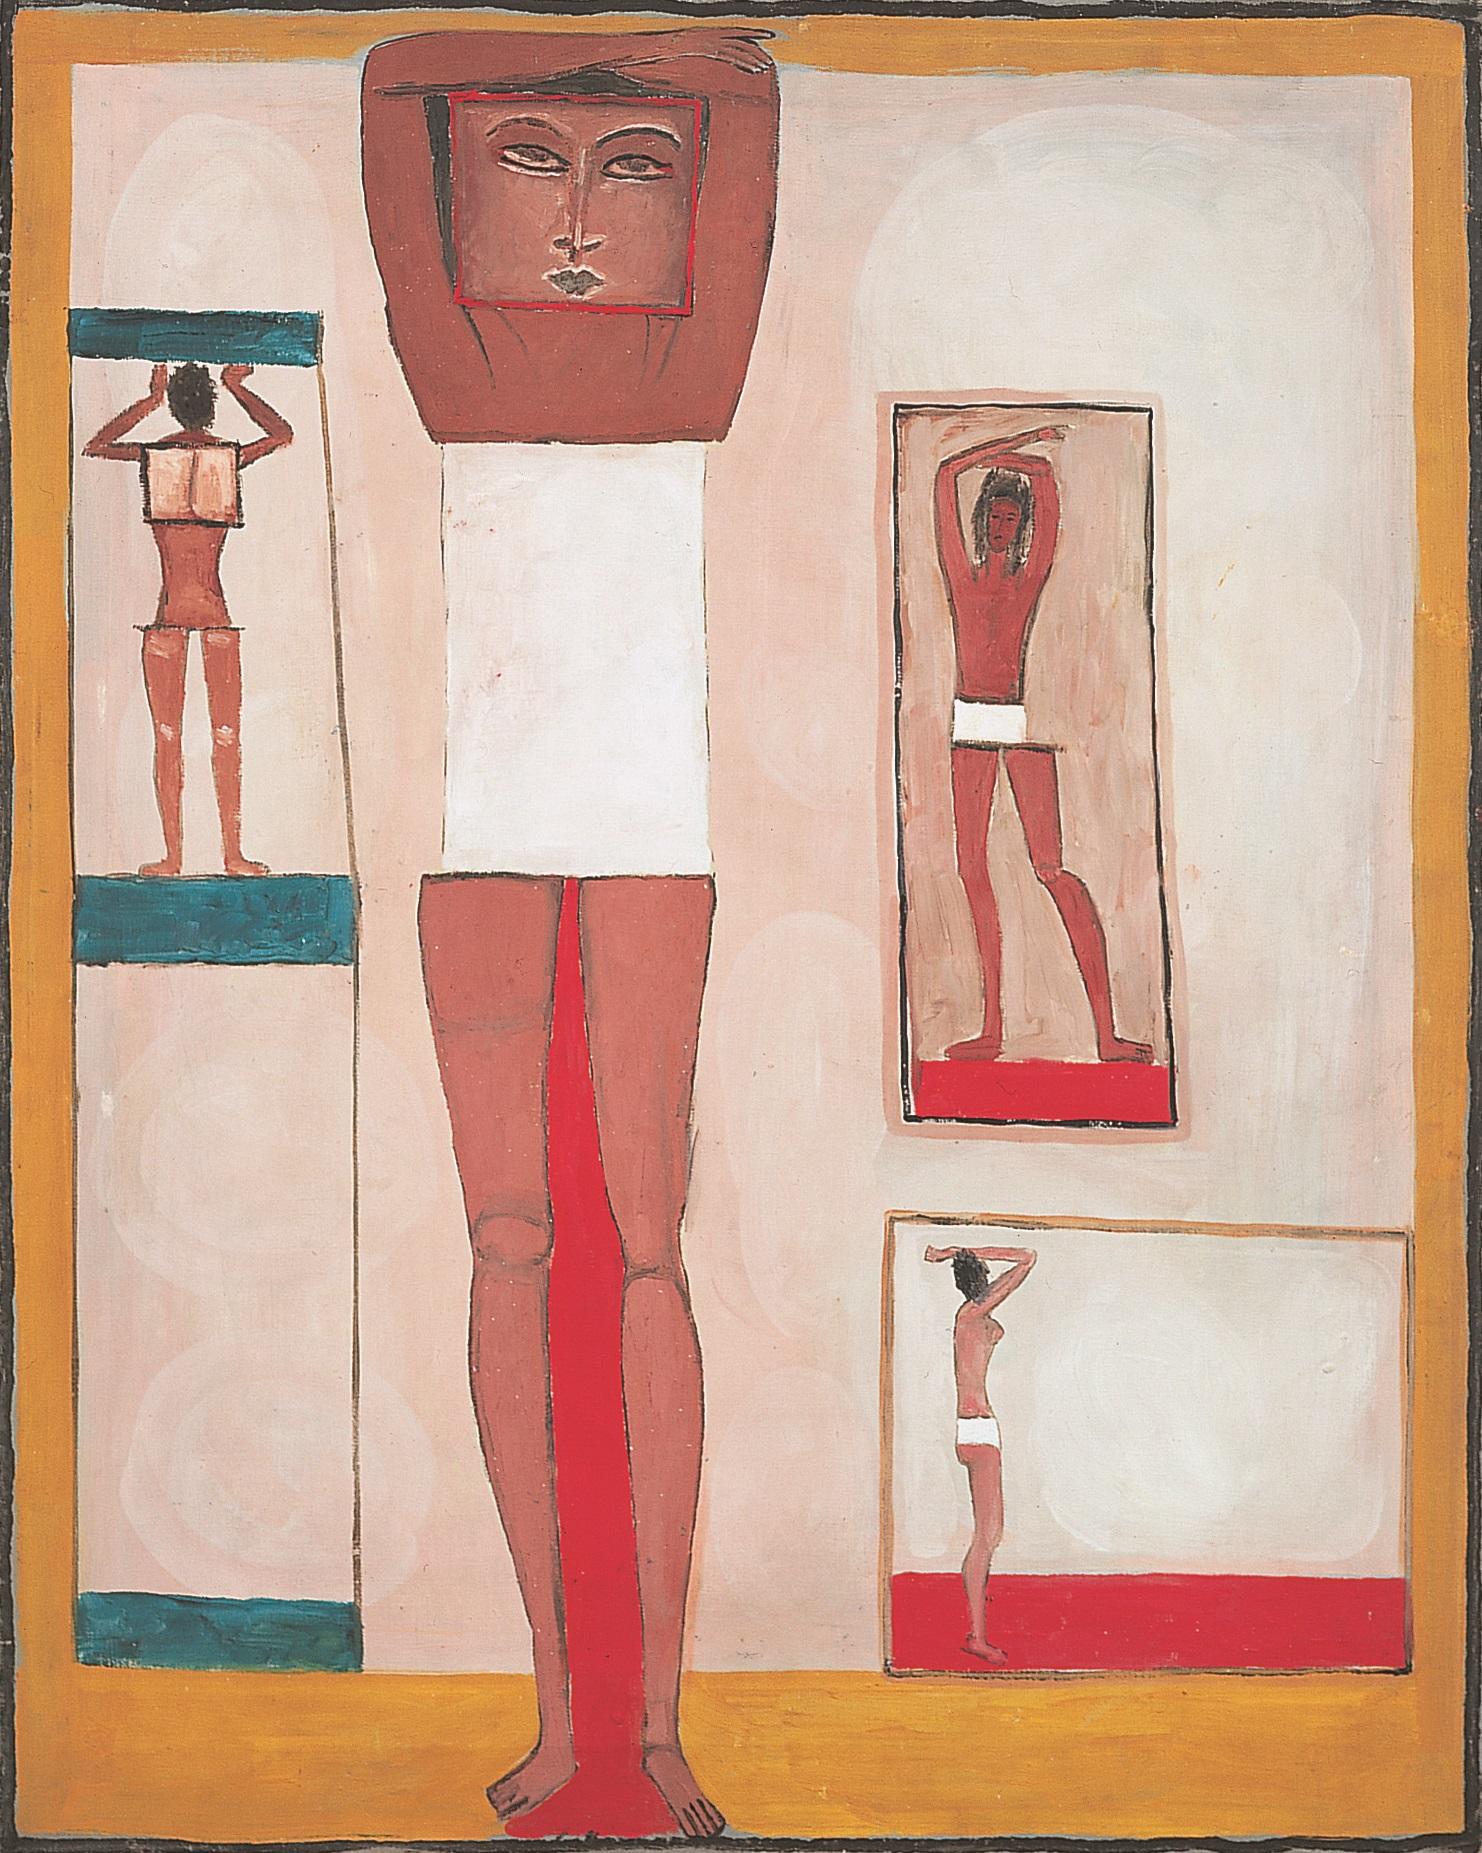 Jerzy Nowosielski, Kobieta egipska, 1958, 81 x 65 cm, olej/płótno, Fundacja Nowosielskich